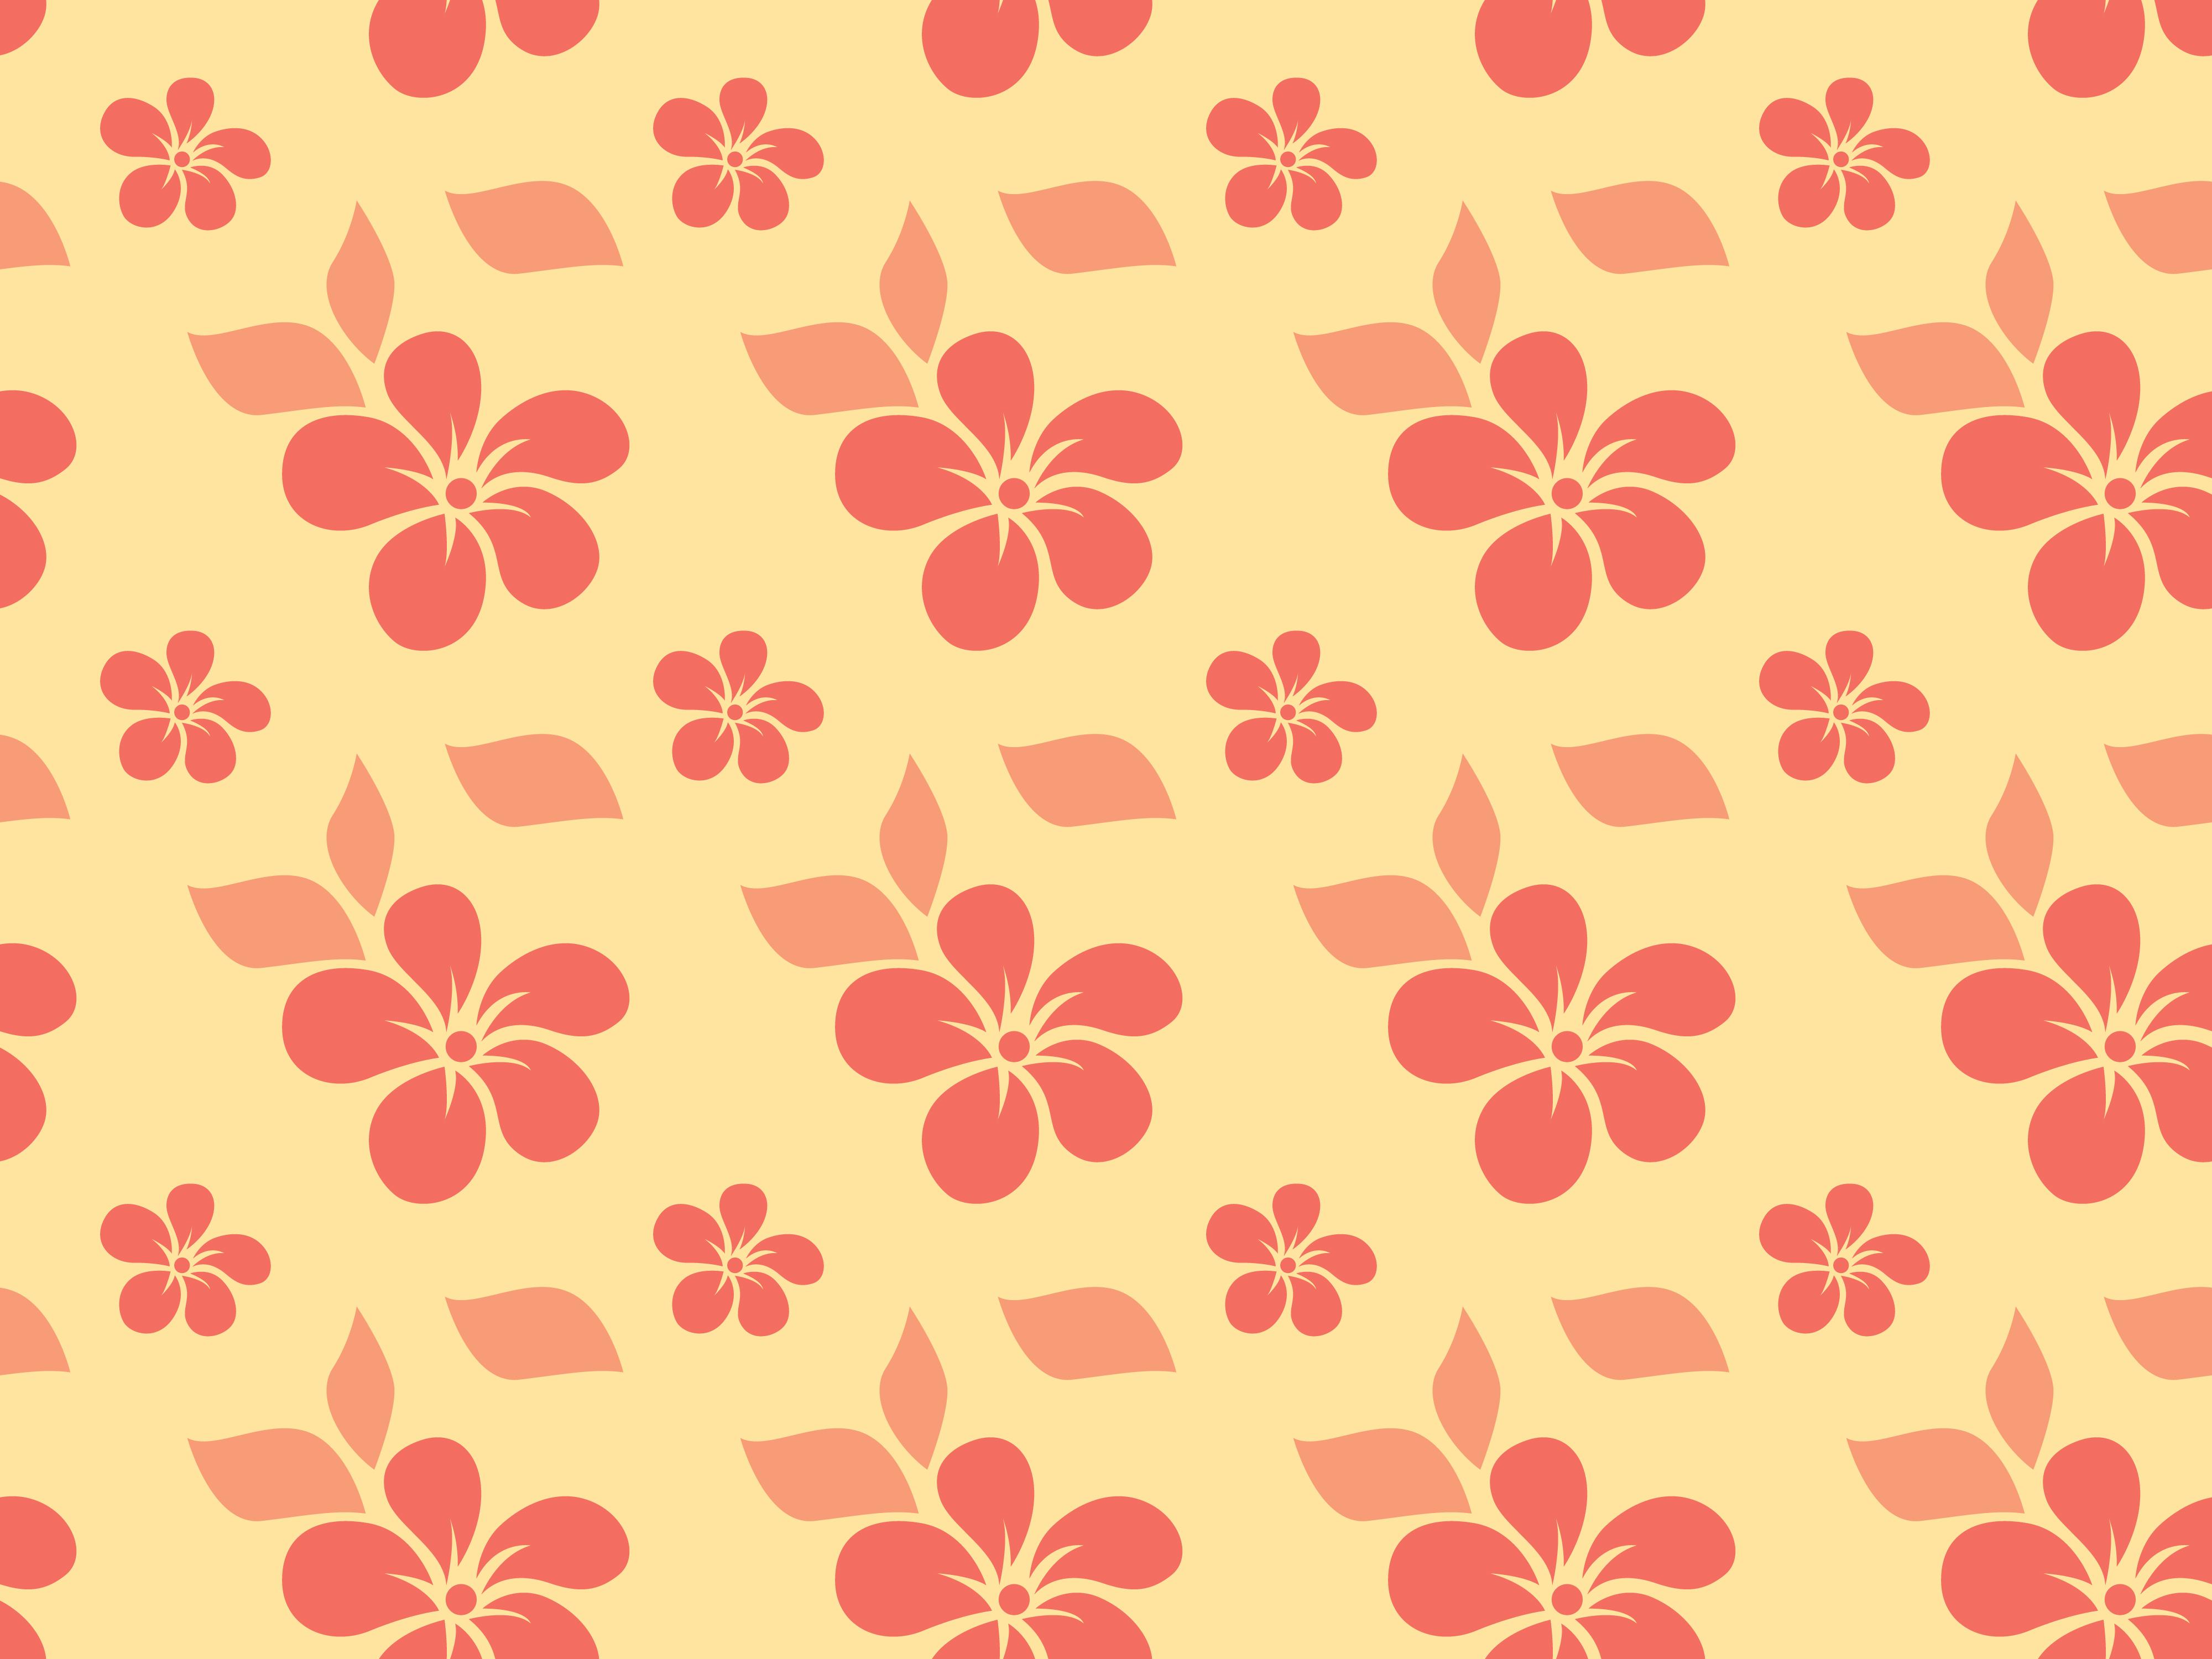 Flower pattern 00021